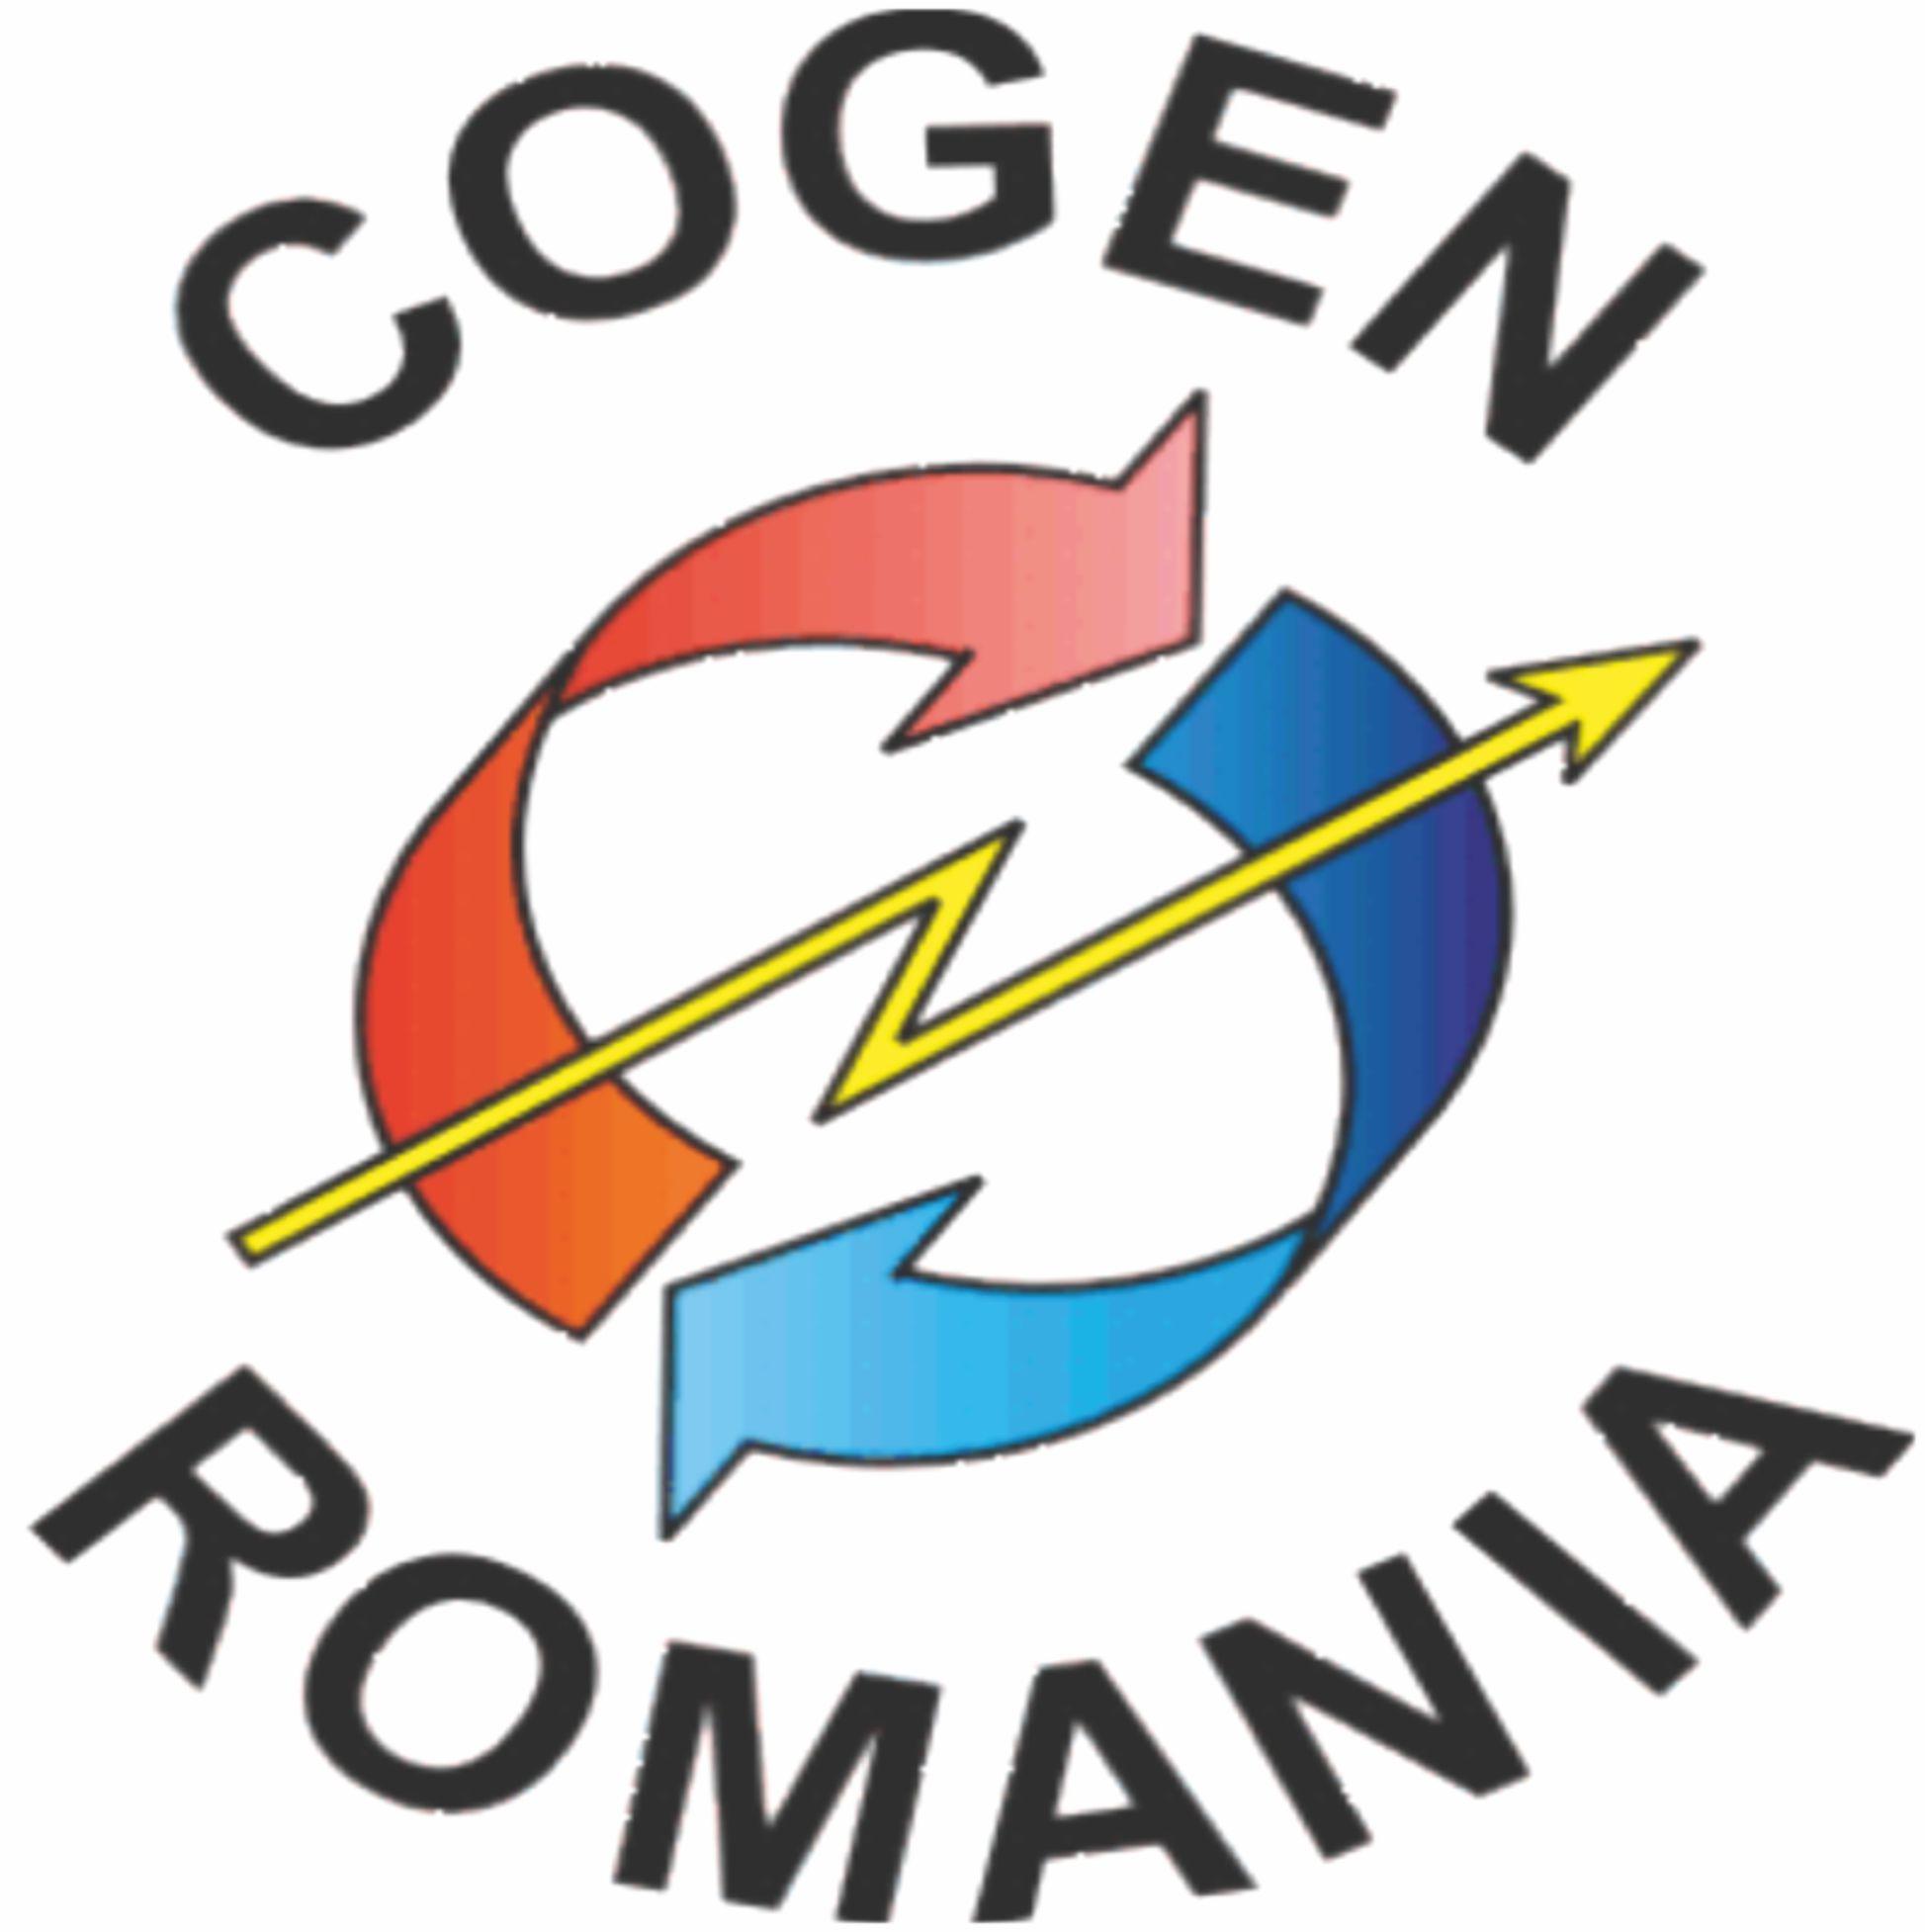 COGEN Romania